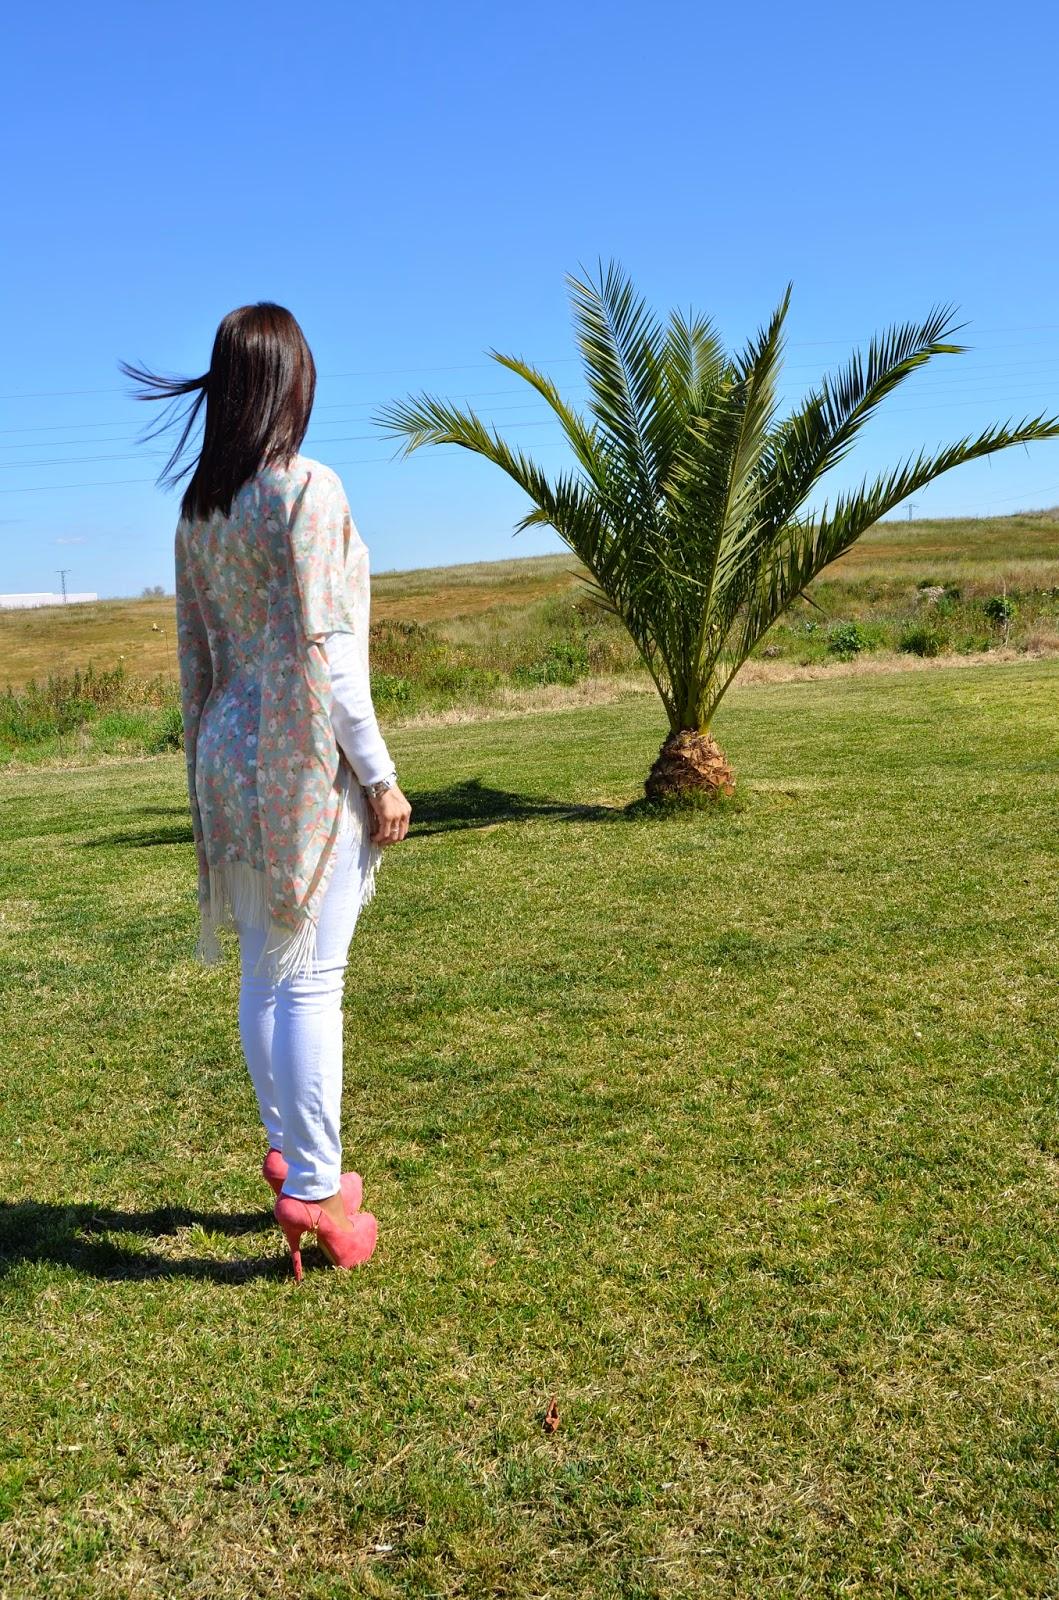 Kimono_mibolsillodetrapillo_combinar_outfit